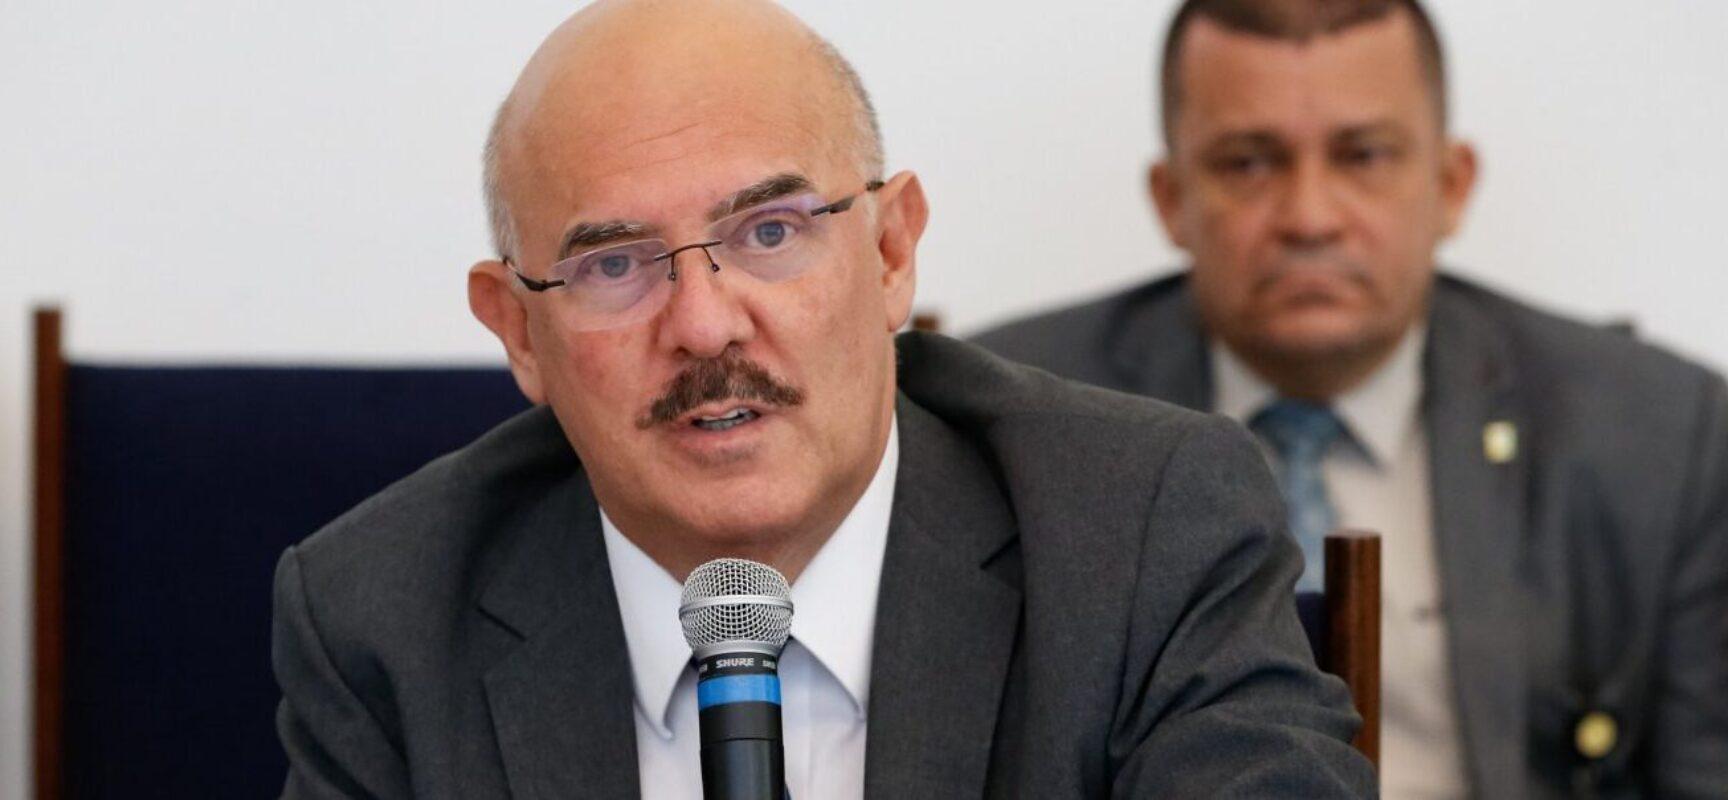 Ministro da Educação volta a questionar utilidade de diploma universitário por falta de emprego